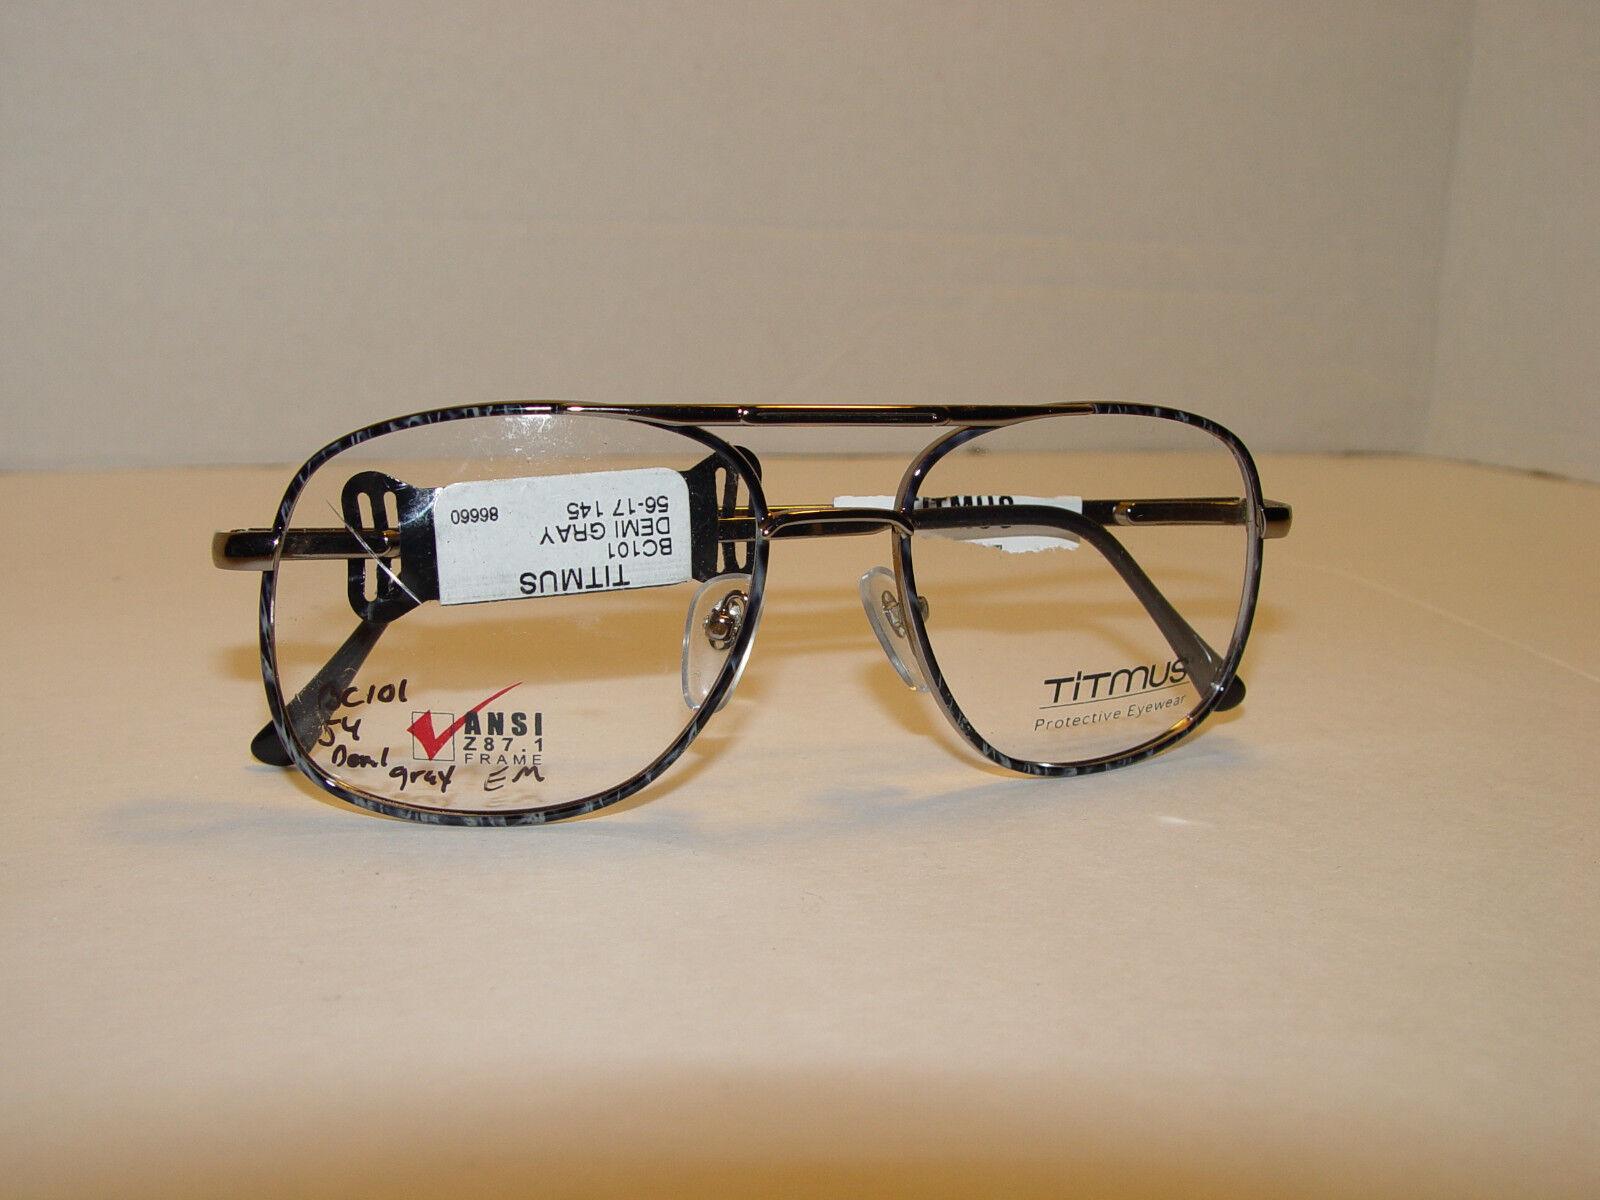 nouveau Titmus BC101 Demi gris Glasses Frames 56-17-145